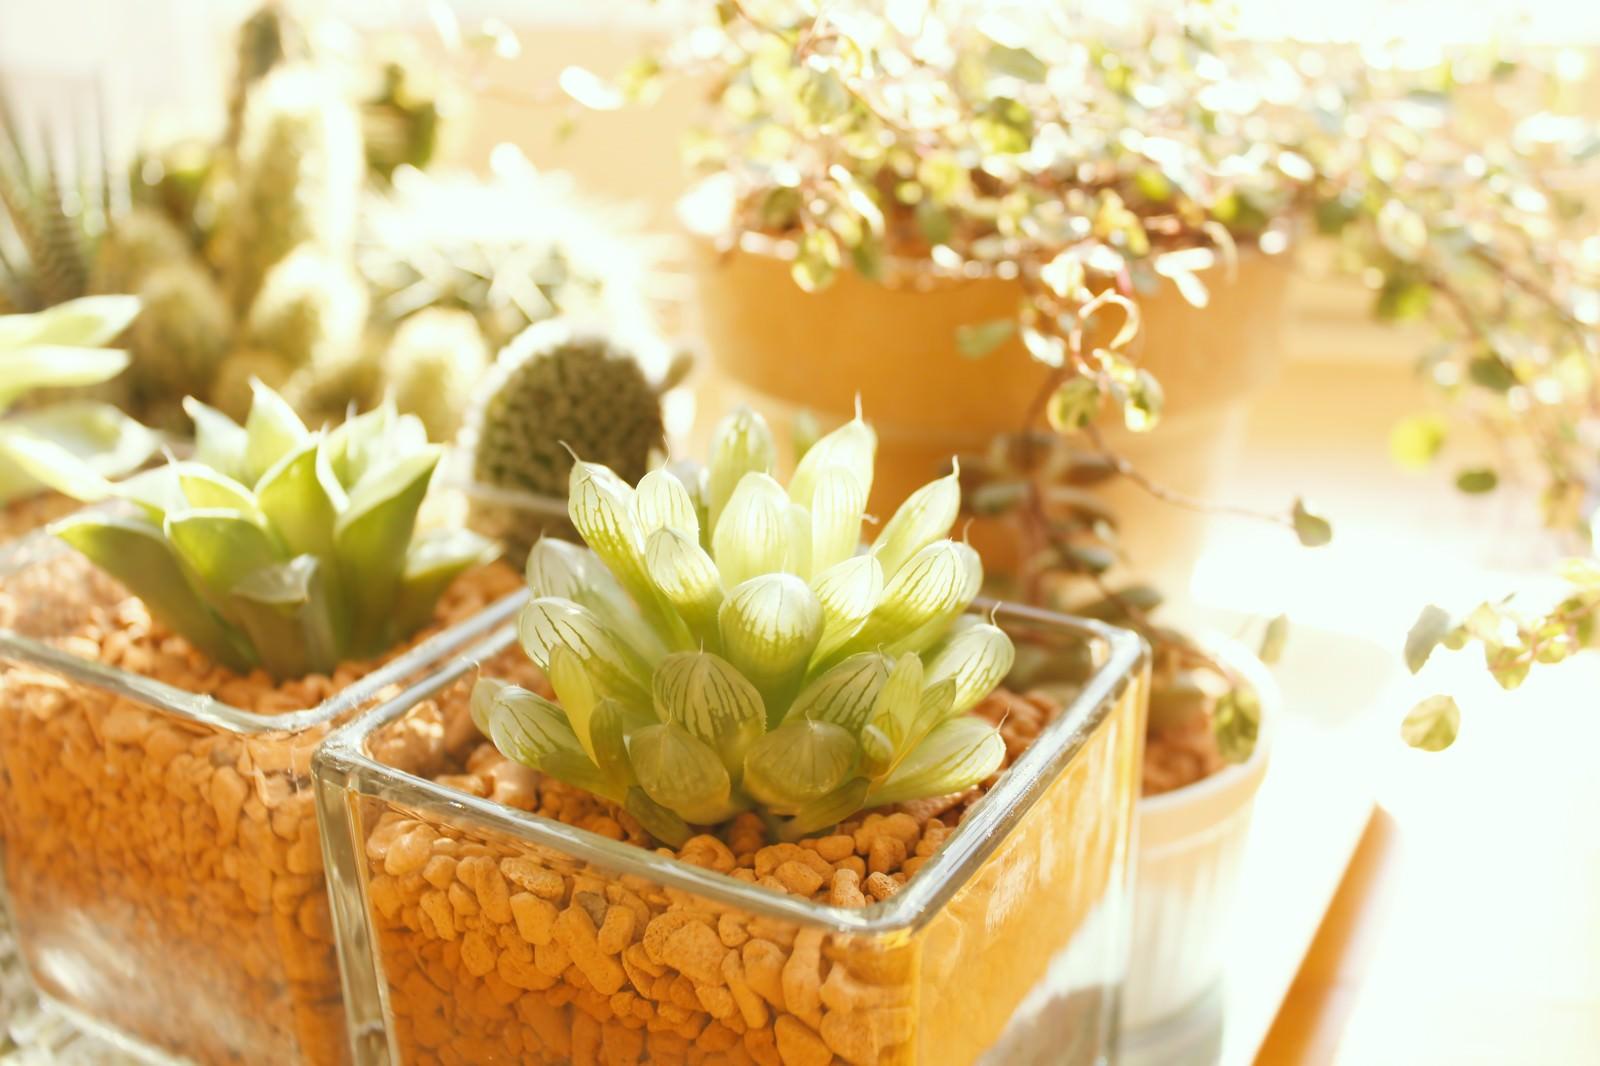 「窓辺の植物」の写真